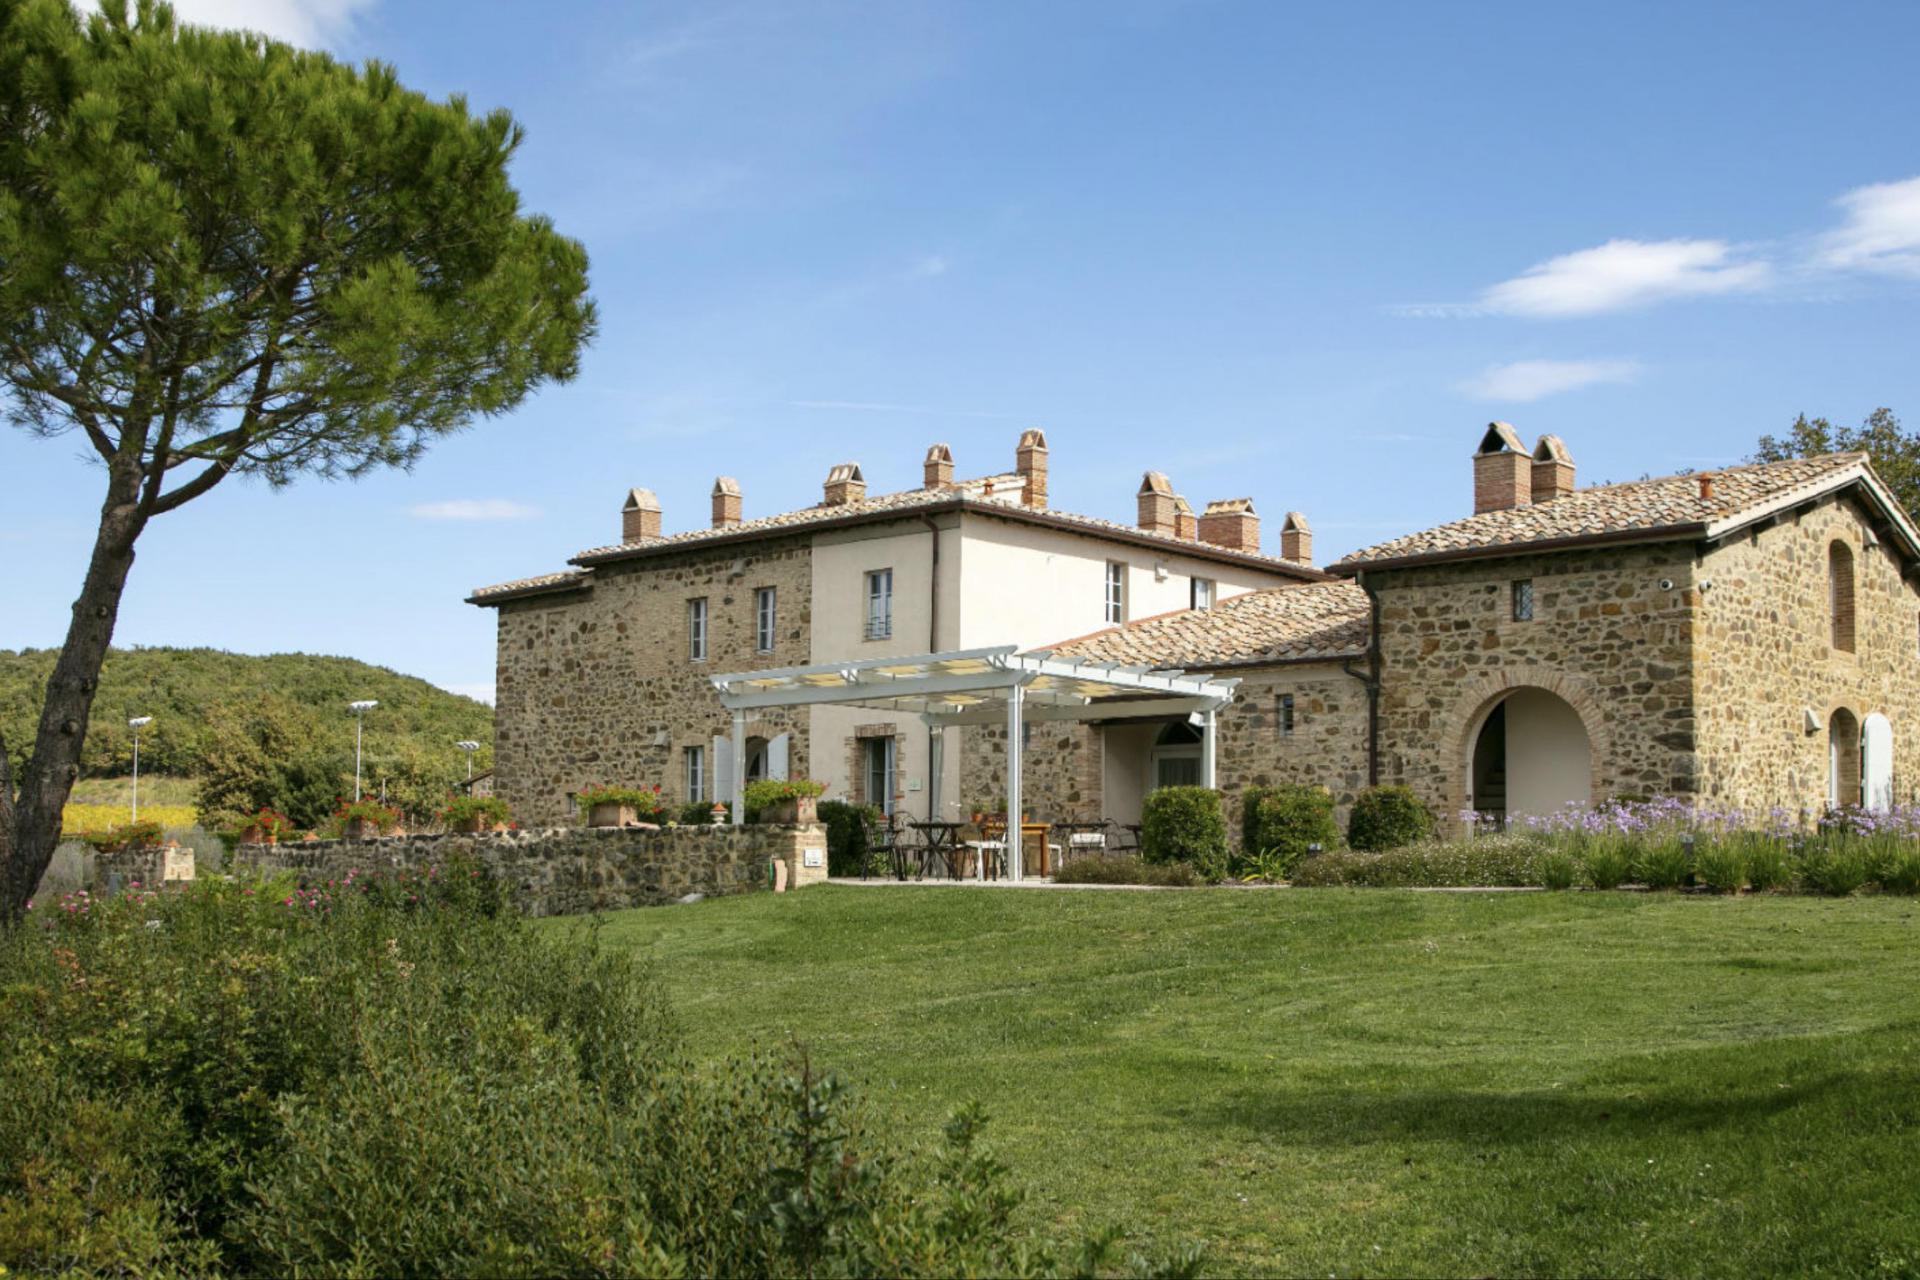 Agriturismo Tuscany Wonderful agriturismo near Montalcino